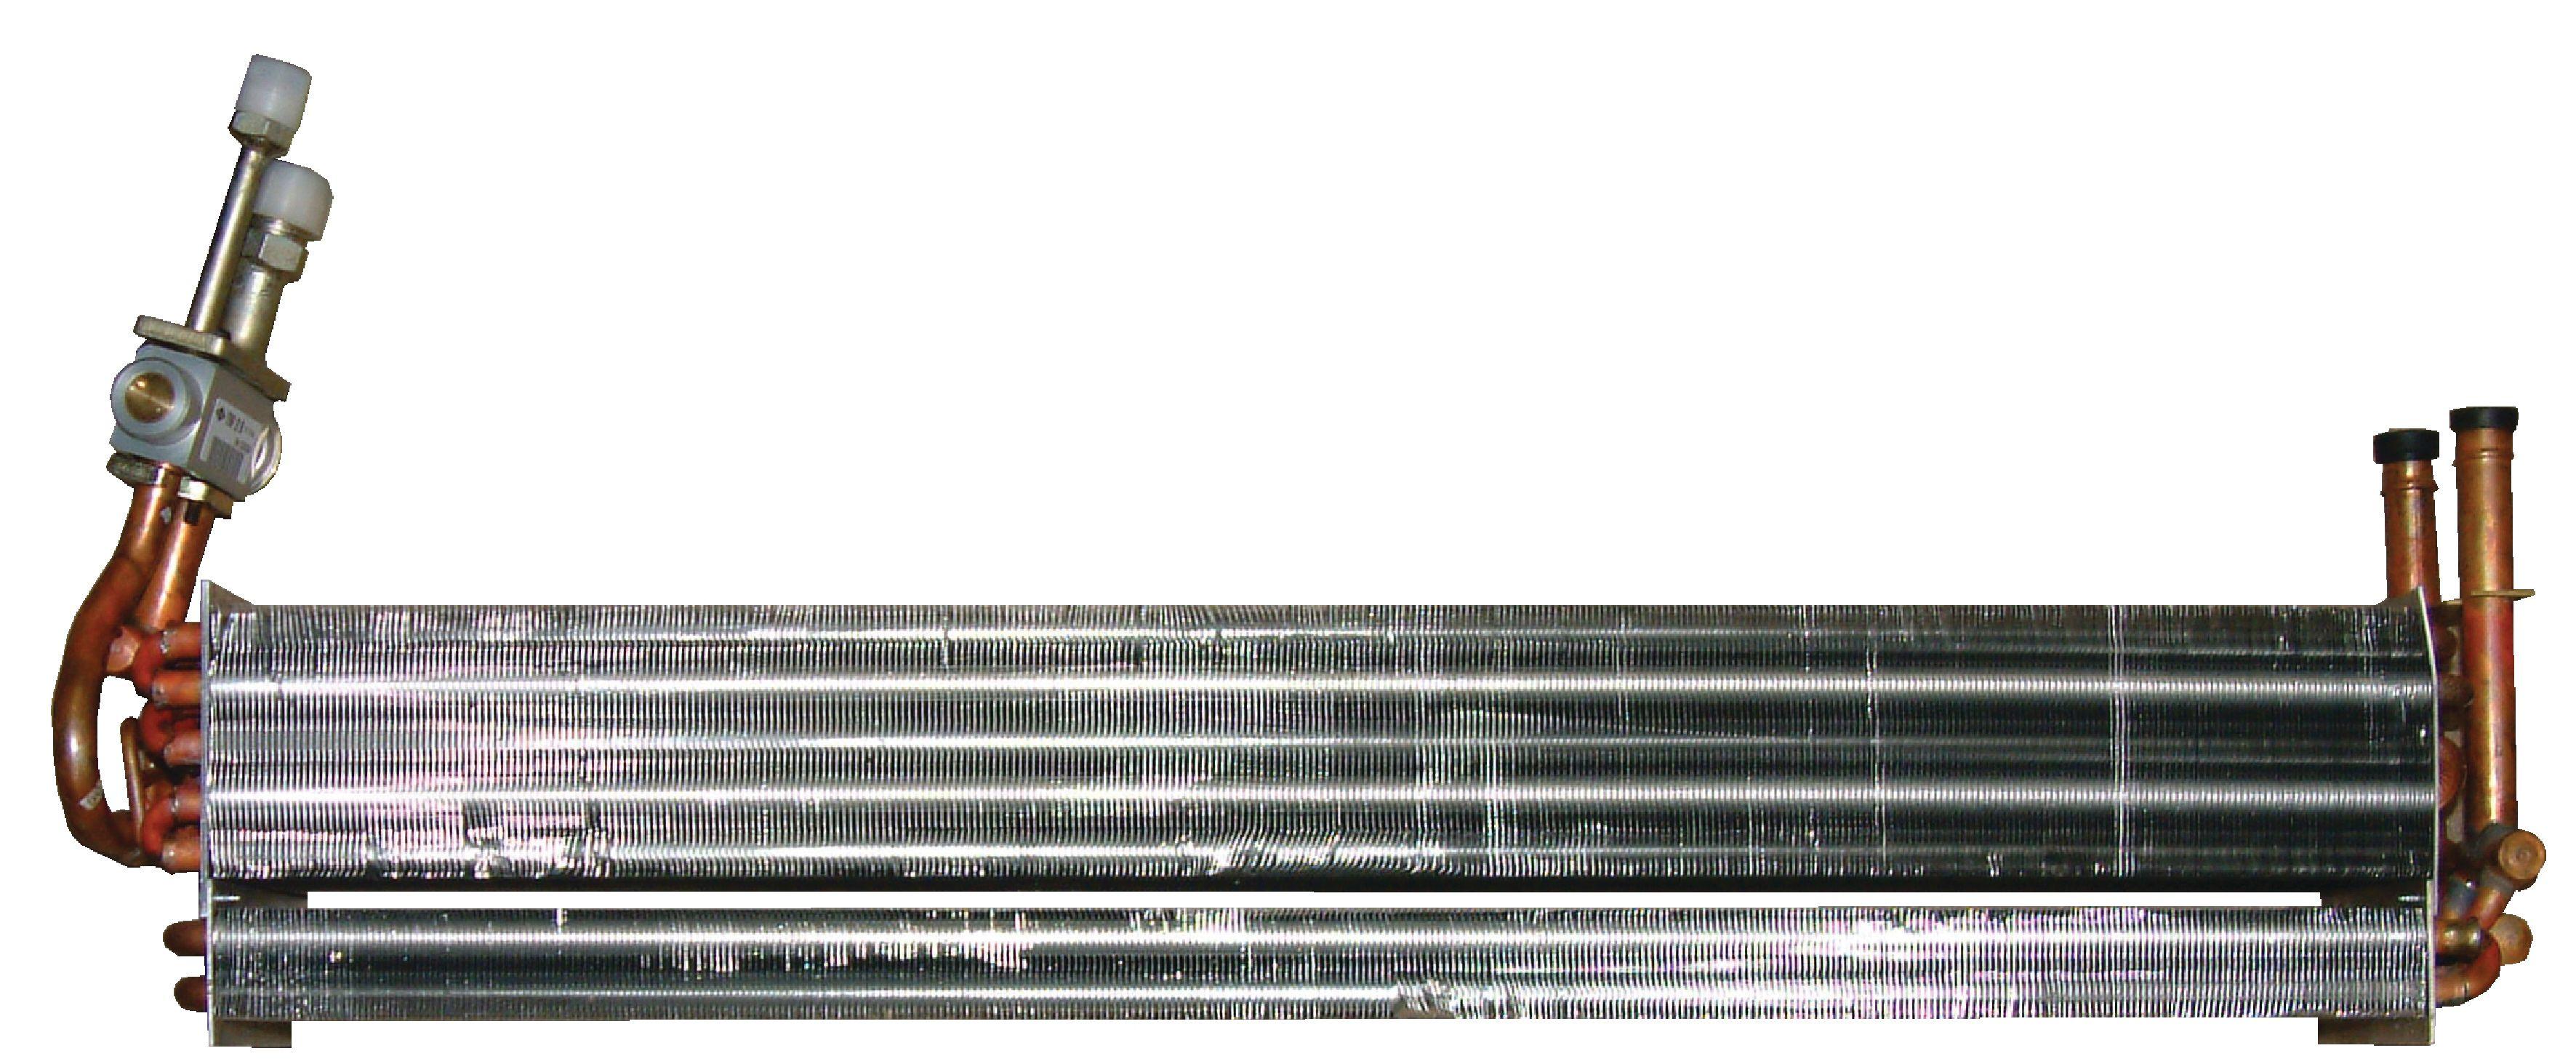 CASE IH EVAPORATOR- BLOCK TYPE A/C 106742